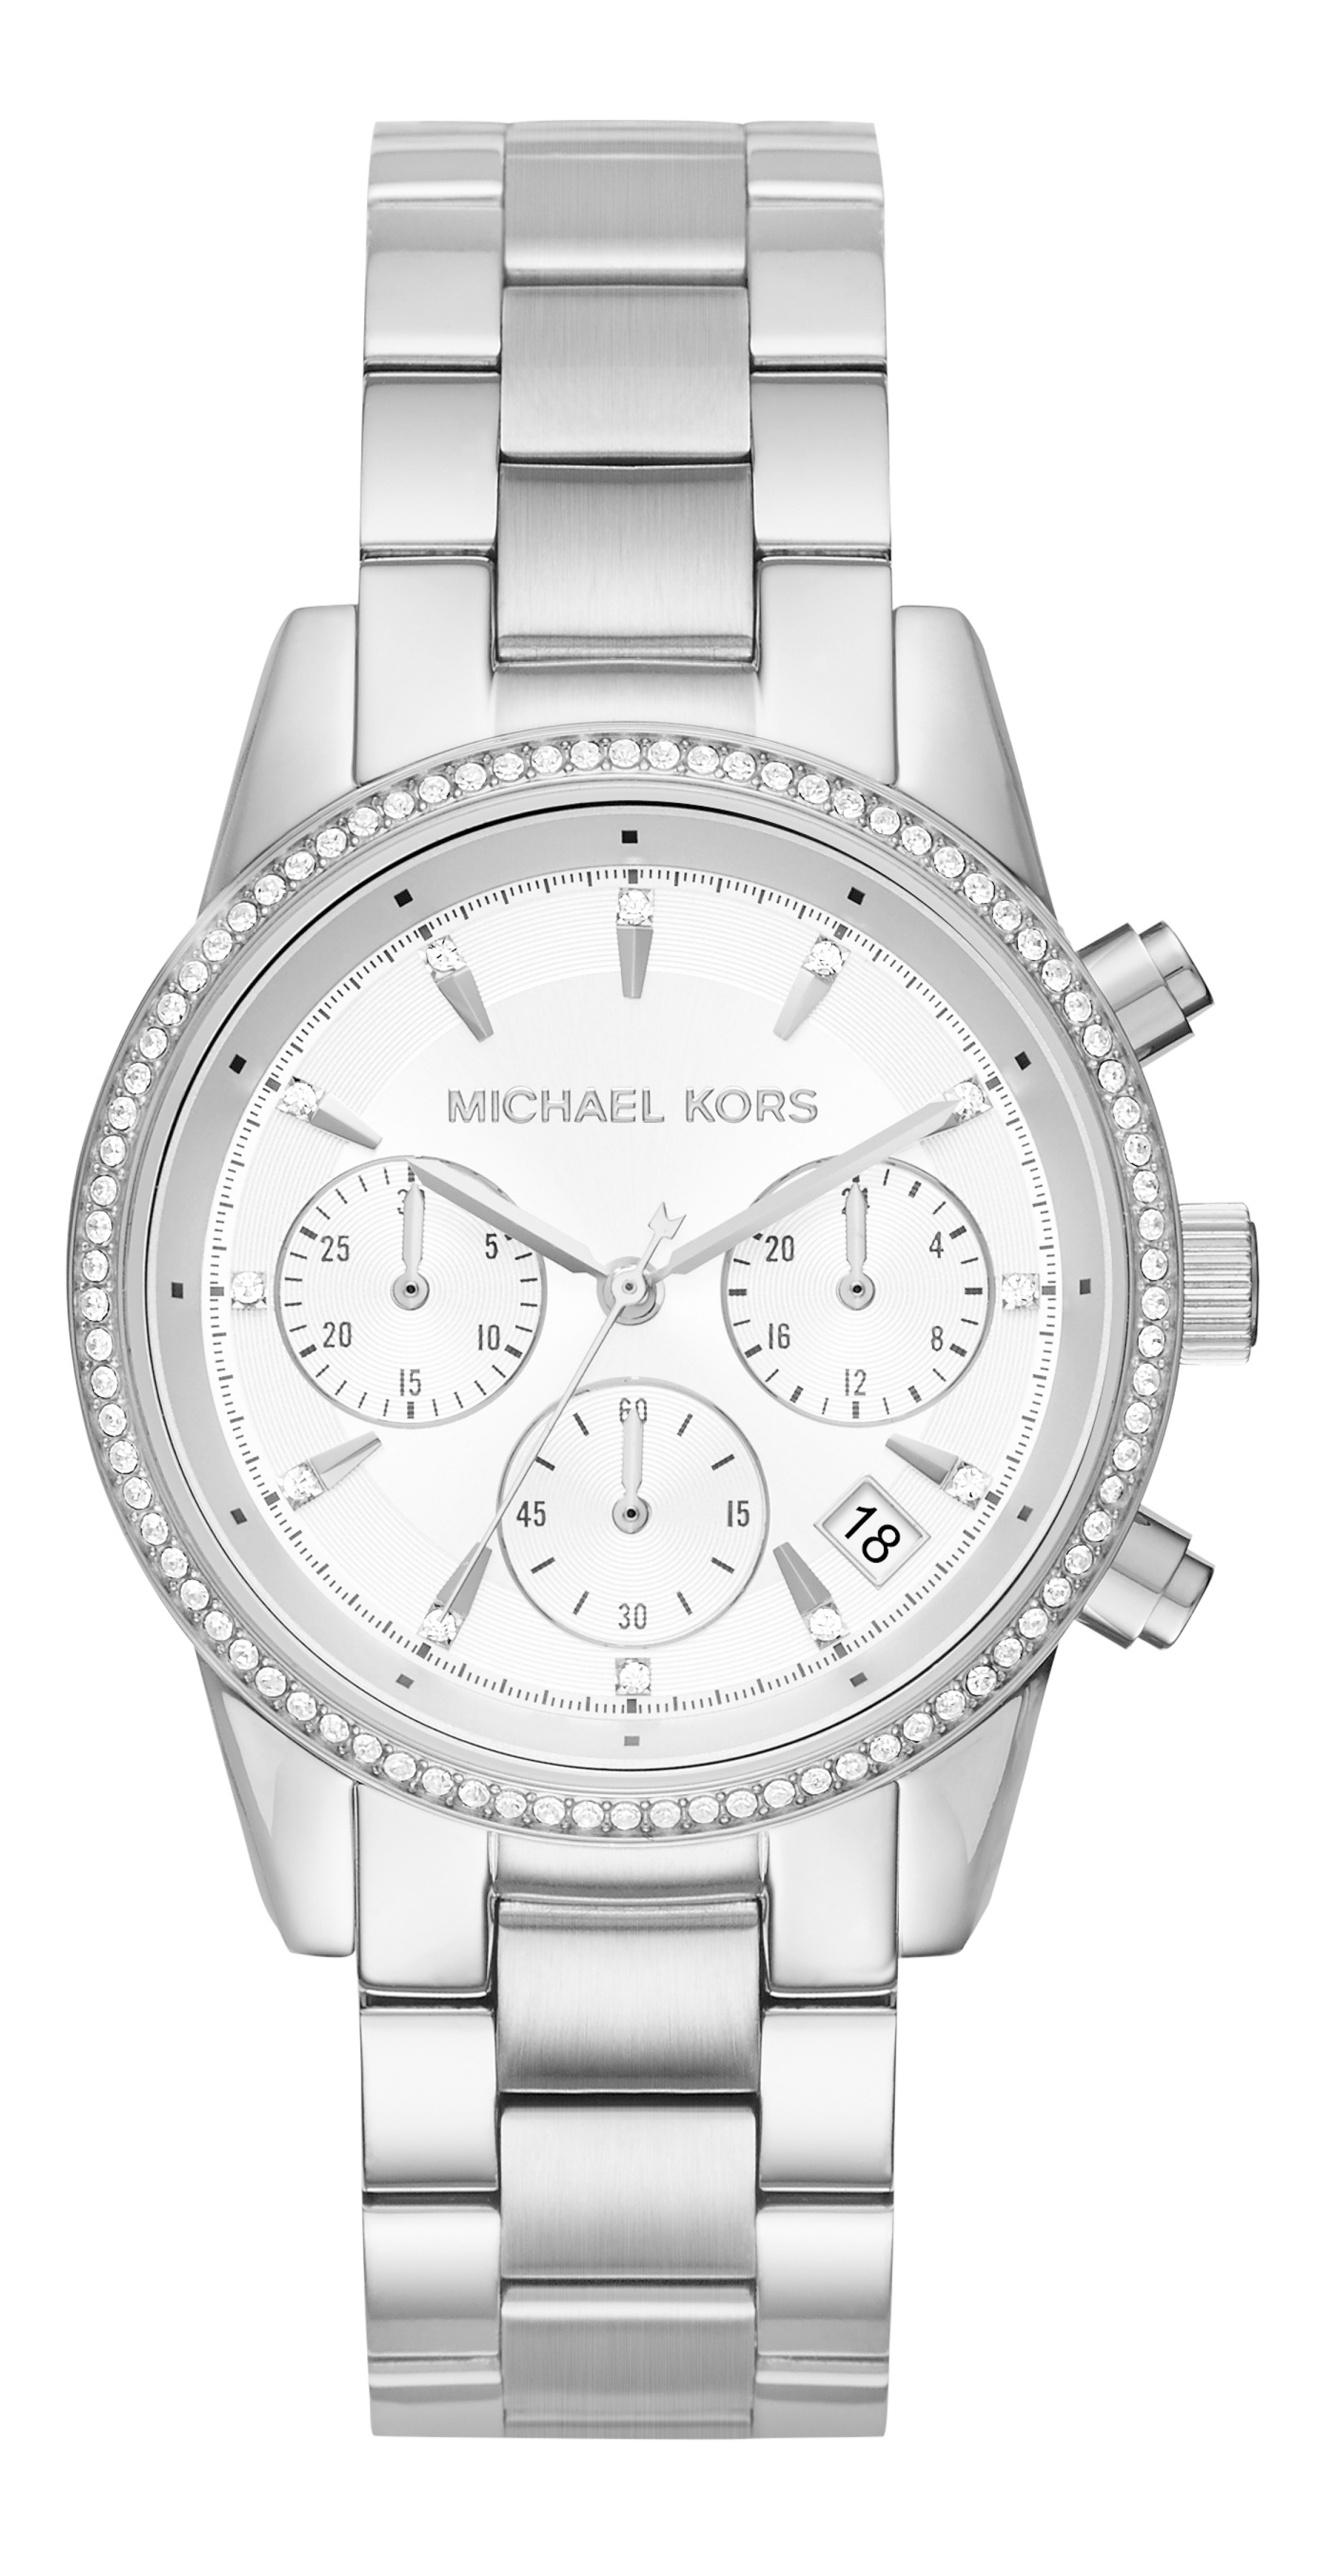 Michael Kors RITZ MK6428 Damenchronograph günstig online kaufen